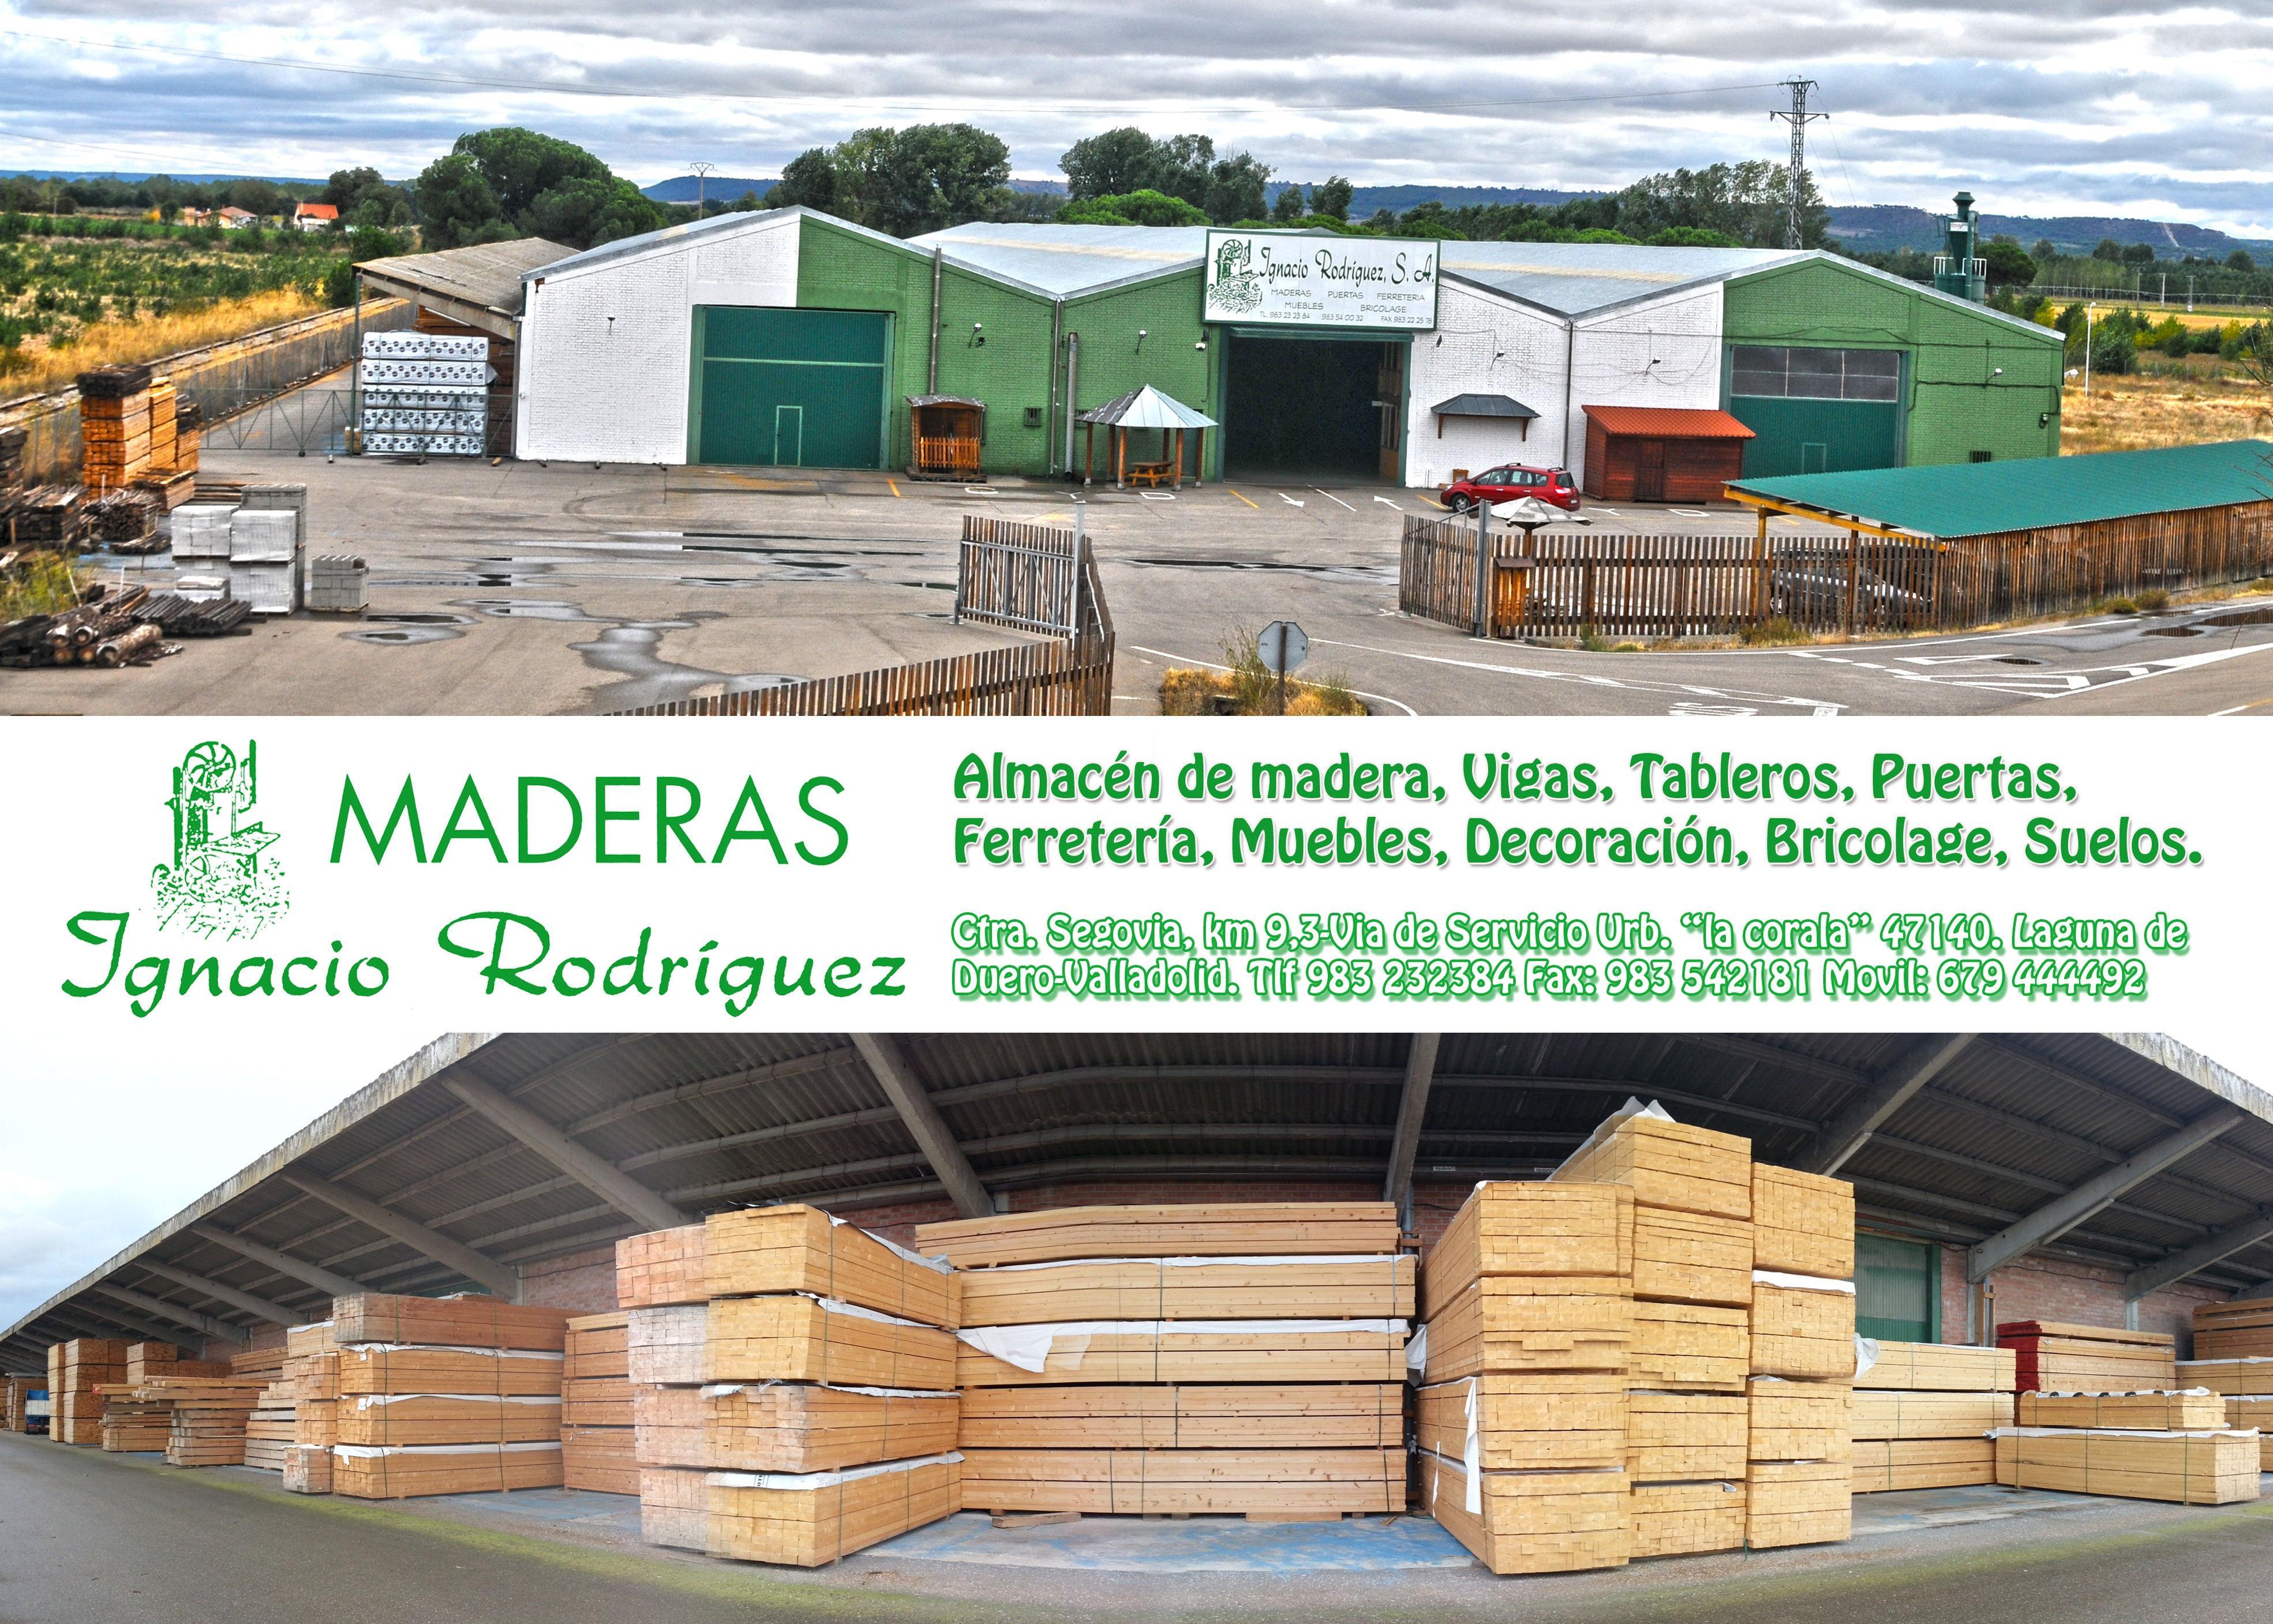 Maderas ignacio rodriguez valladolid materiales de construcci n para la reparaci n - Materiales de construccion sevilla ...